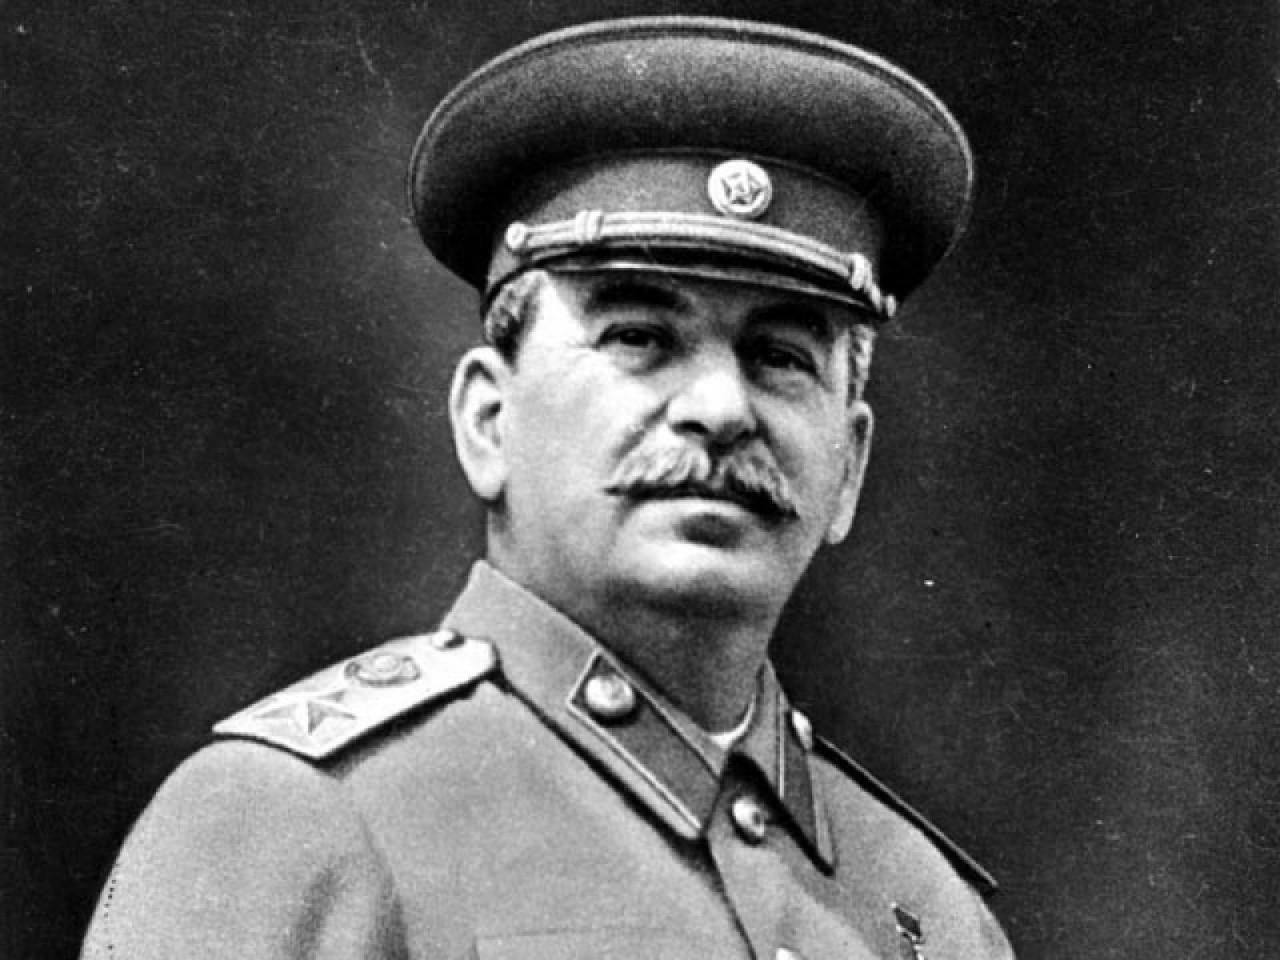 Опись личных вещей Сталина, …